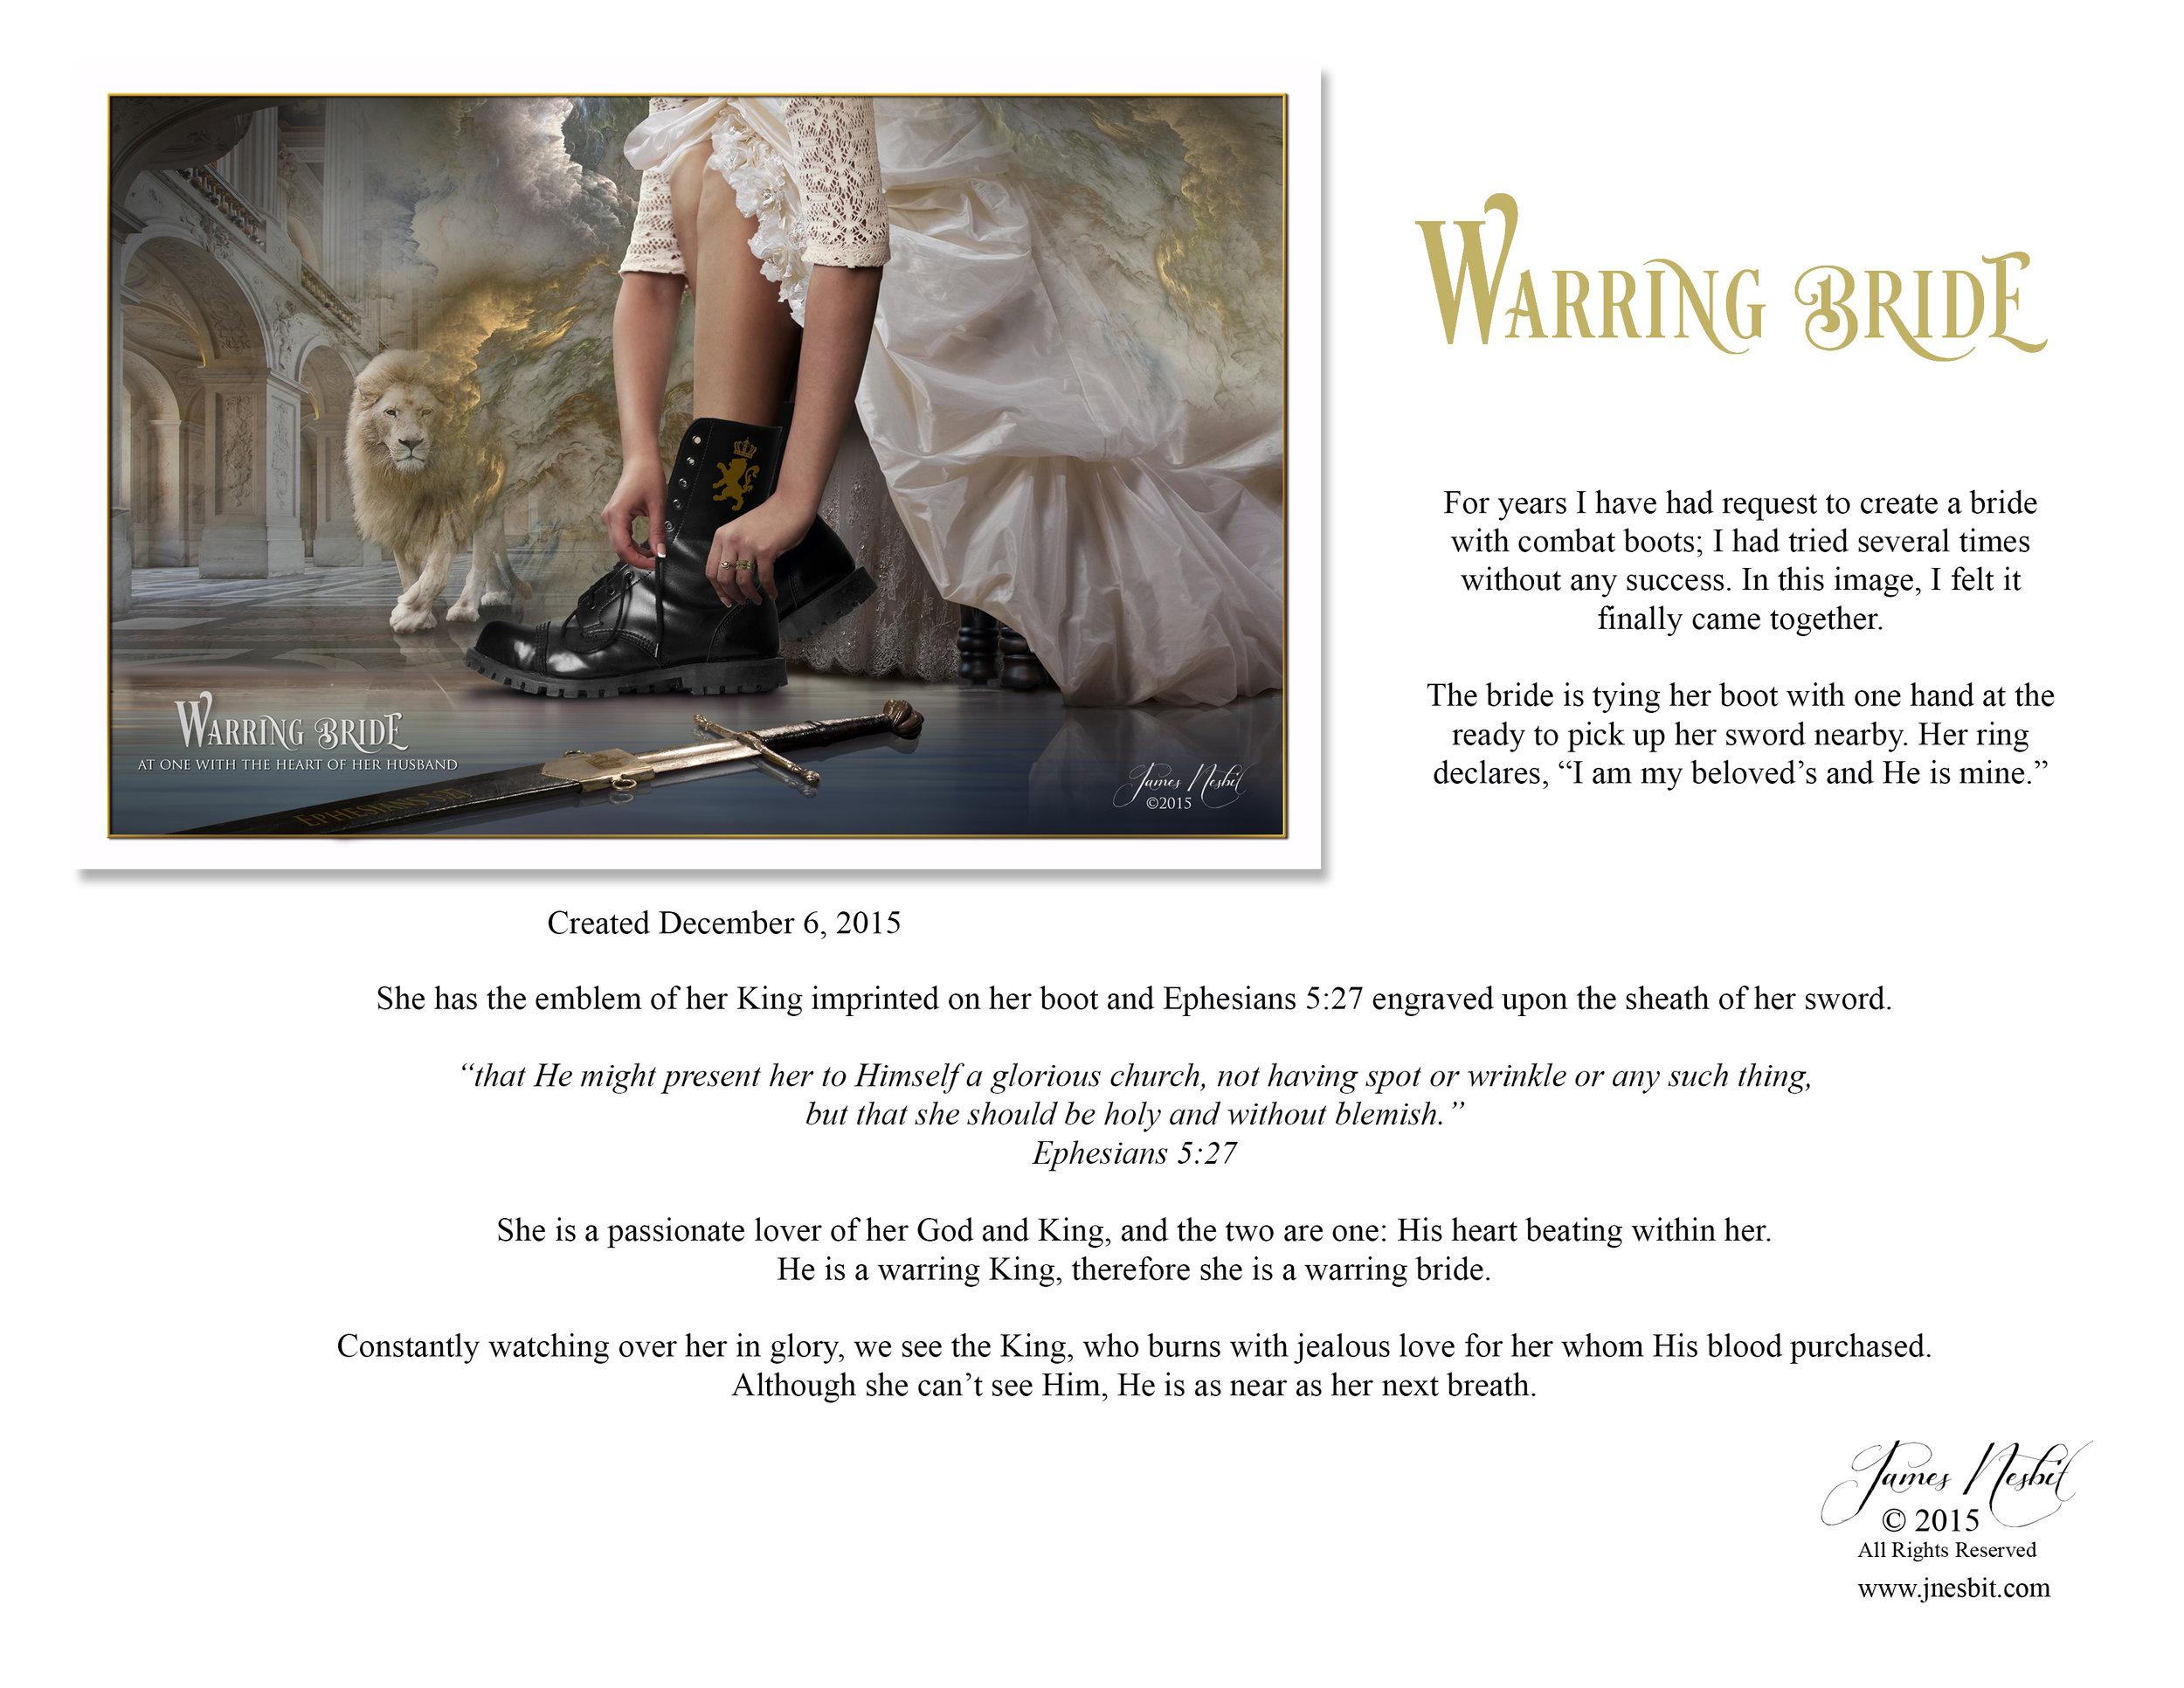 Warring Bride Description  copy.jpg